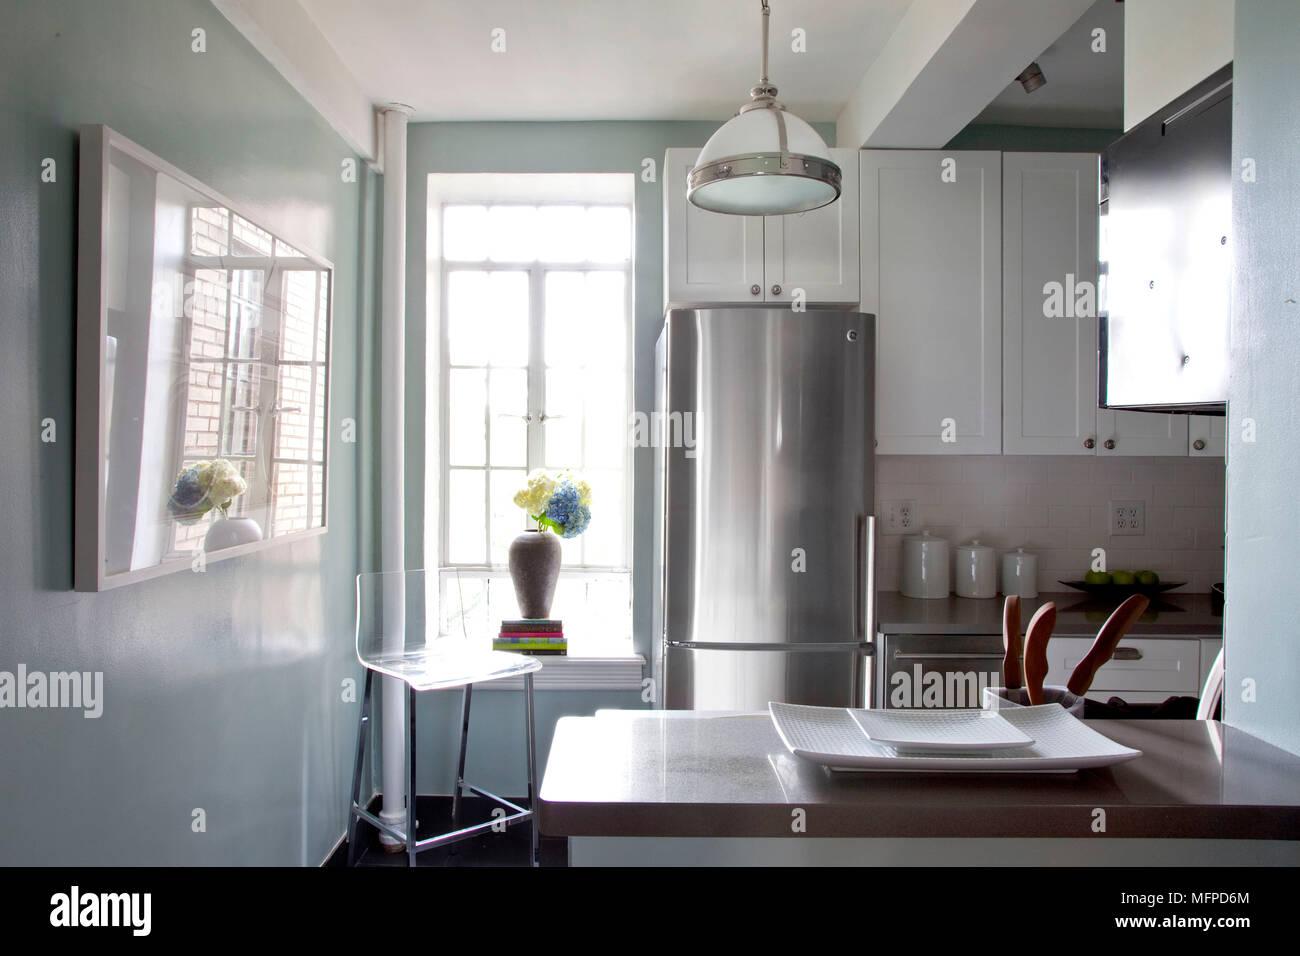 Blaue Küche mit weißen montierten Einheiten in der Wohnung ...